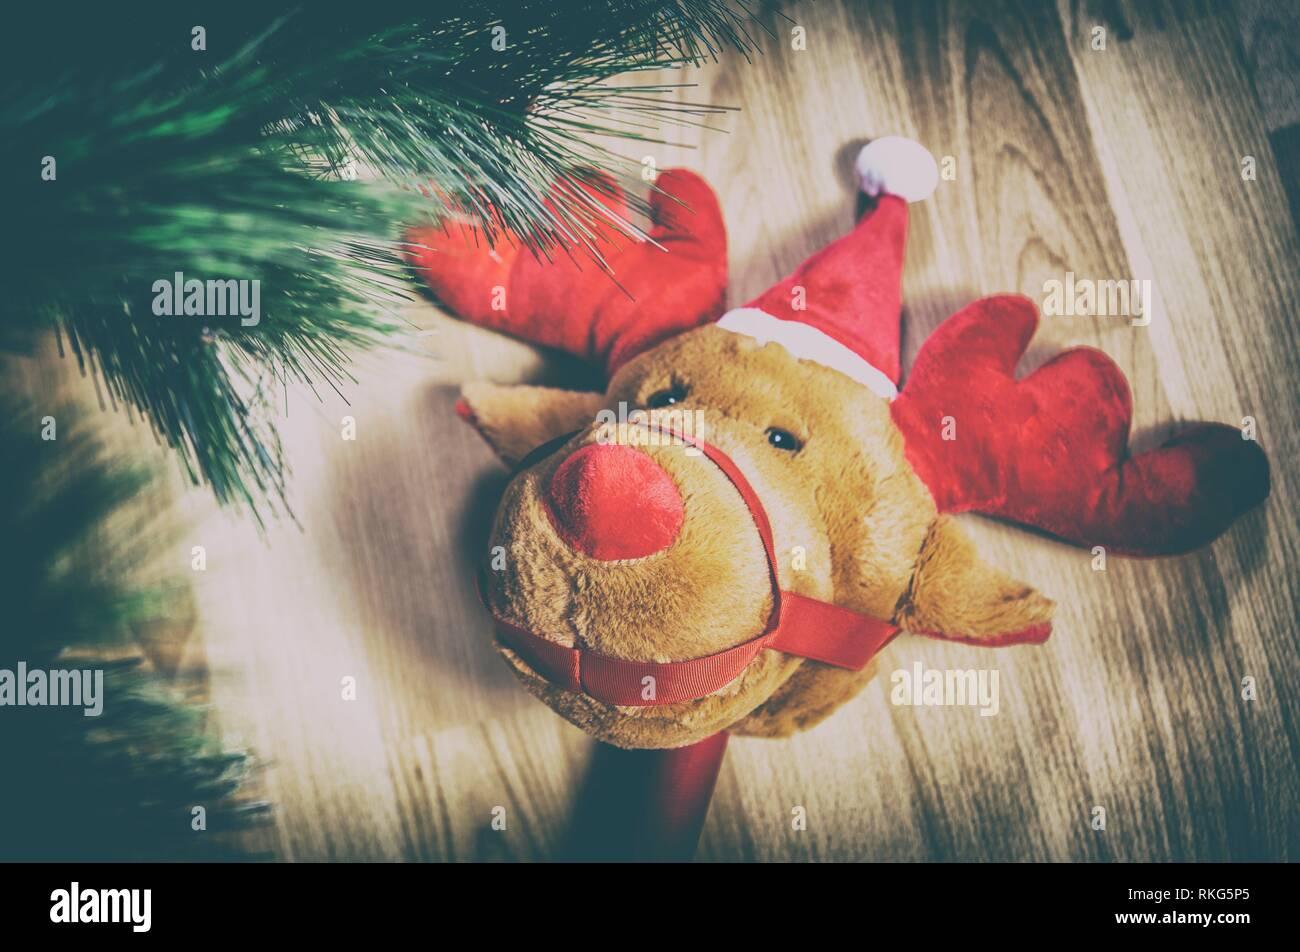 Stofftiere Weihnachtselch Stofftier Kuscheltier Teddybear Teddy Frohe Weihnachten Elch